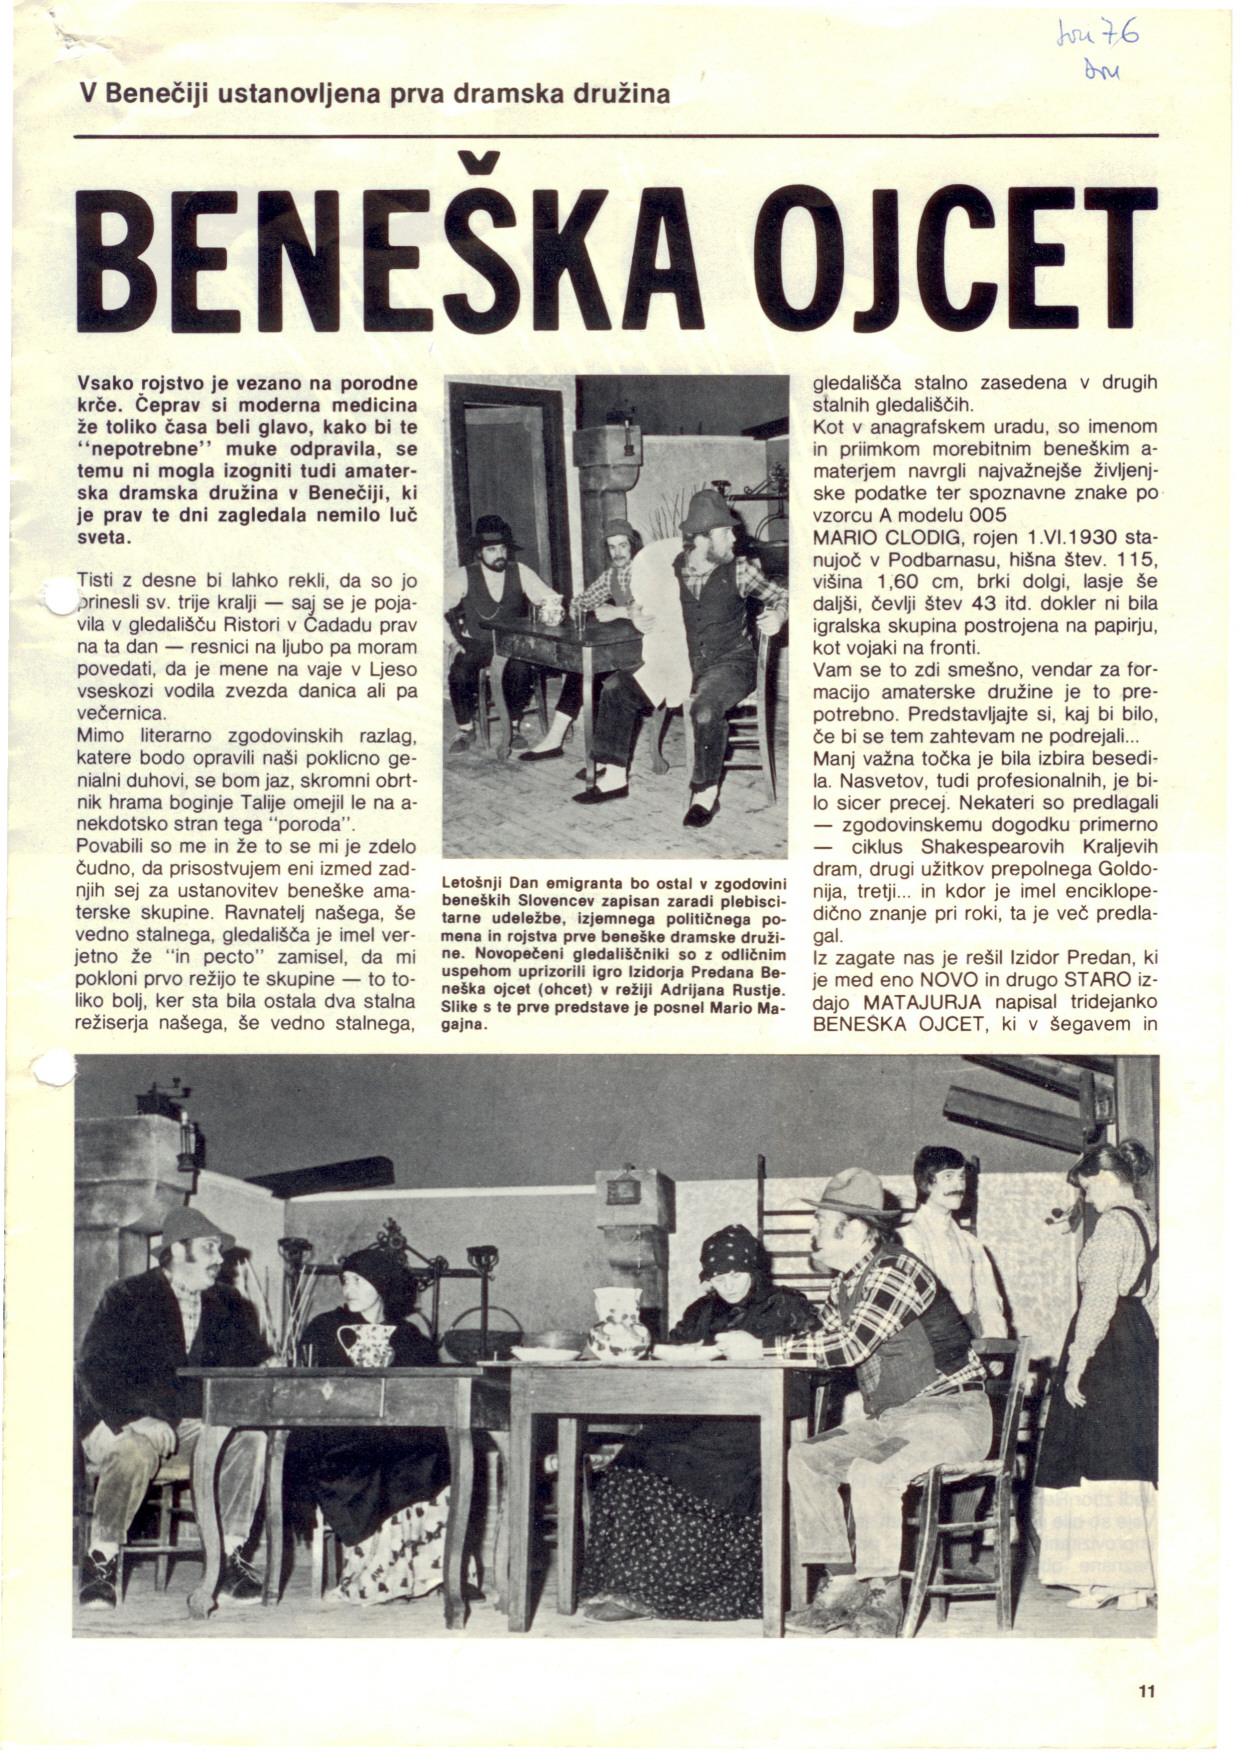 1976 - Beneska Ojcet - Dom članek 1